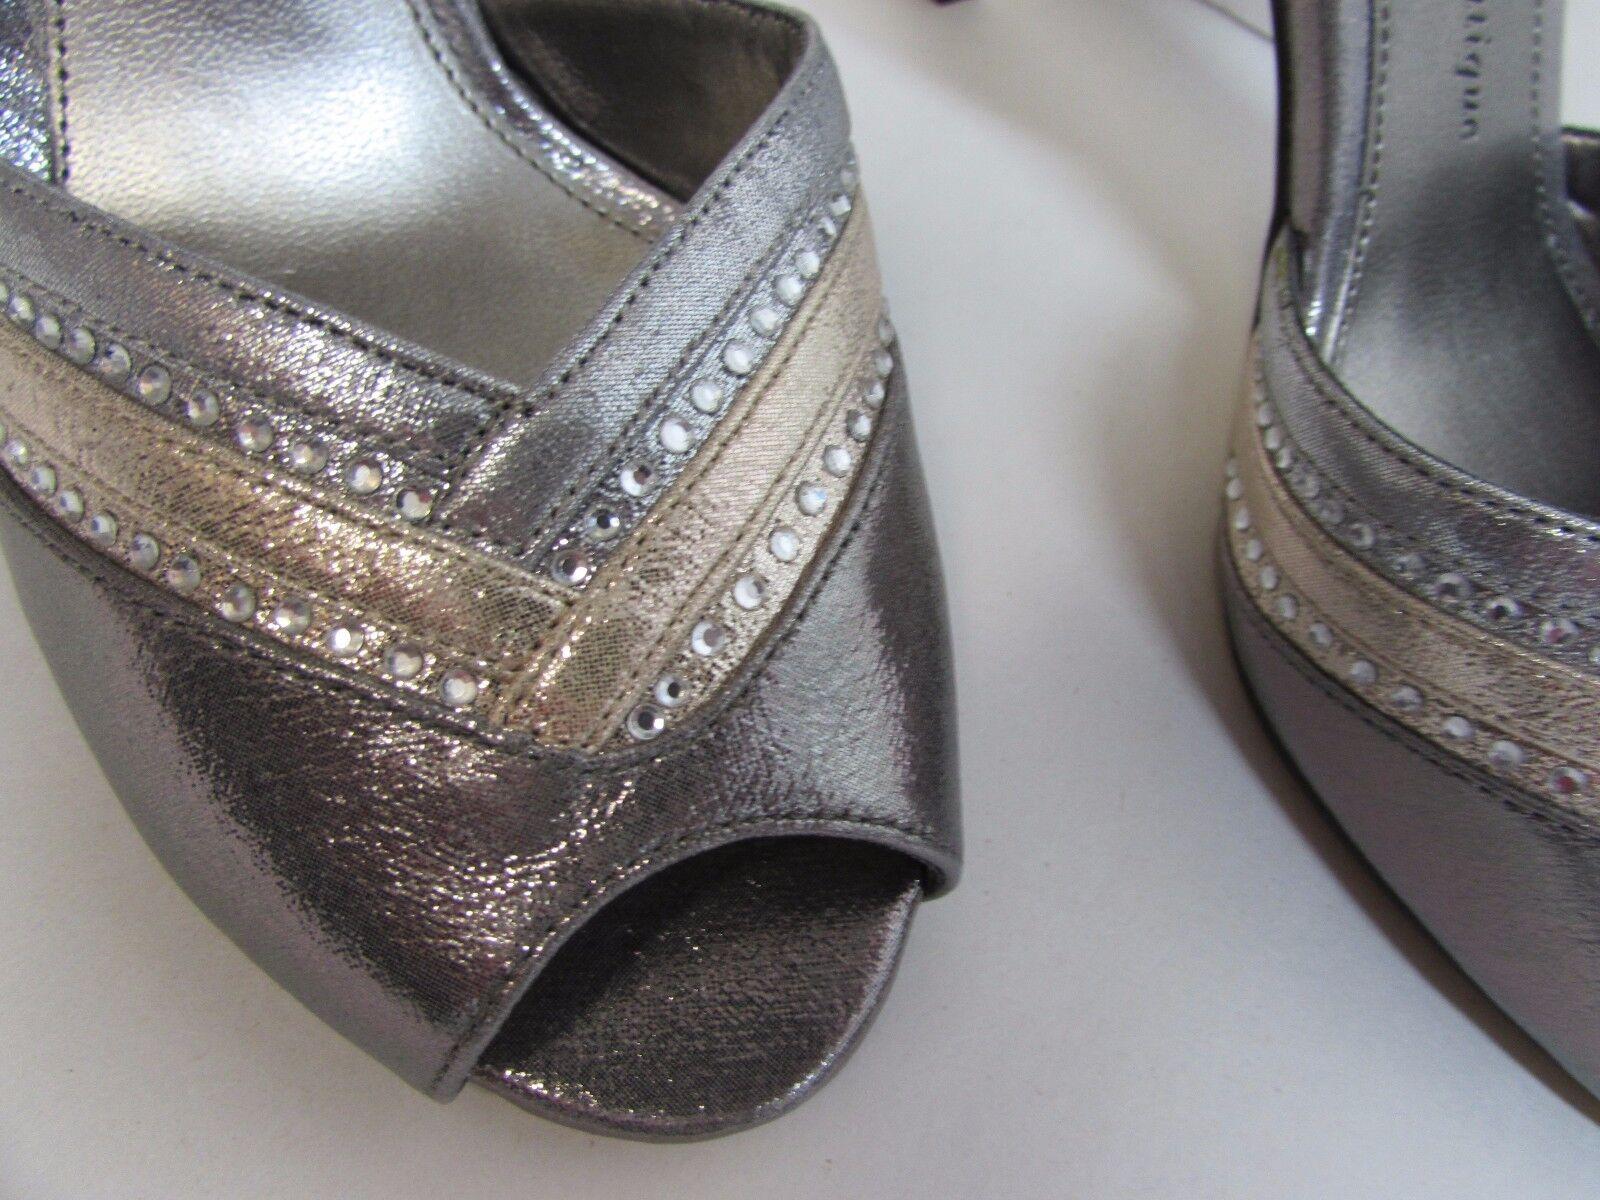 Adrianna Papell Größe 8 Dark Silver Leder Open Toe Heels NEU Damenschuhe Schuhes